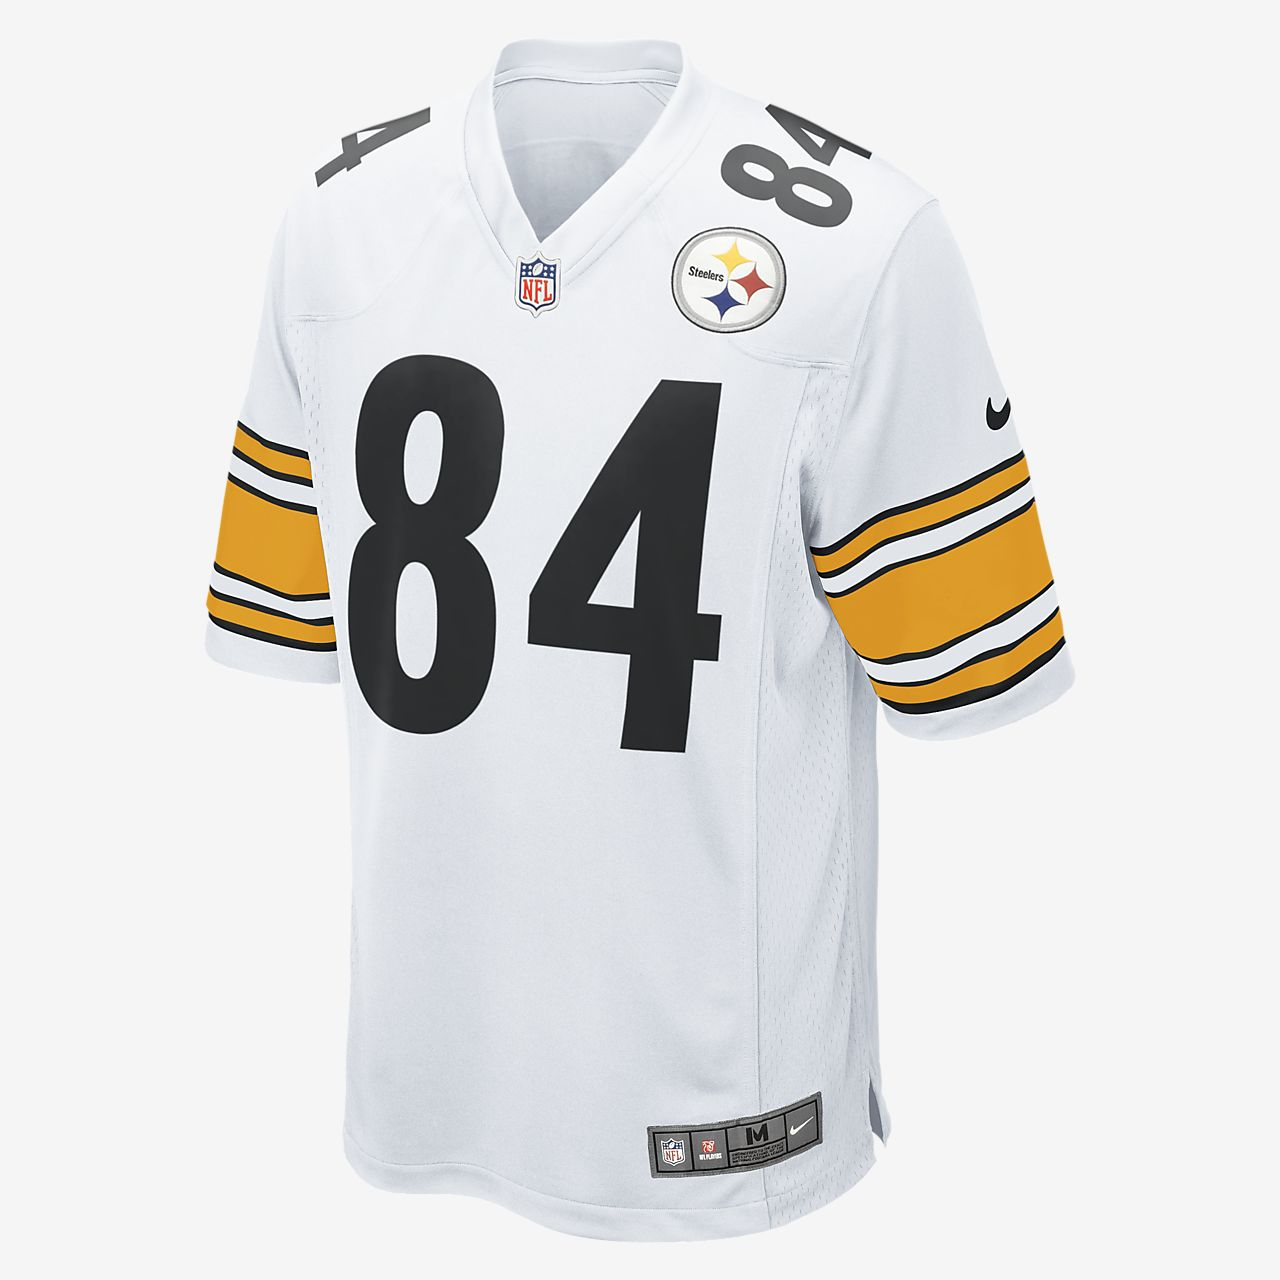 NFL Pittsburgh Steelers (Antonio Brown) American football-wedstrijdjersey voor heren